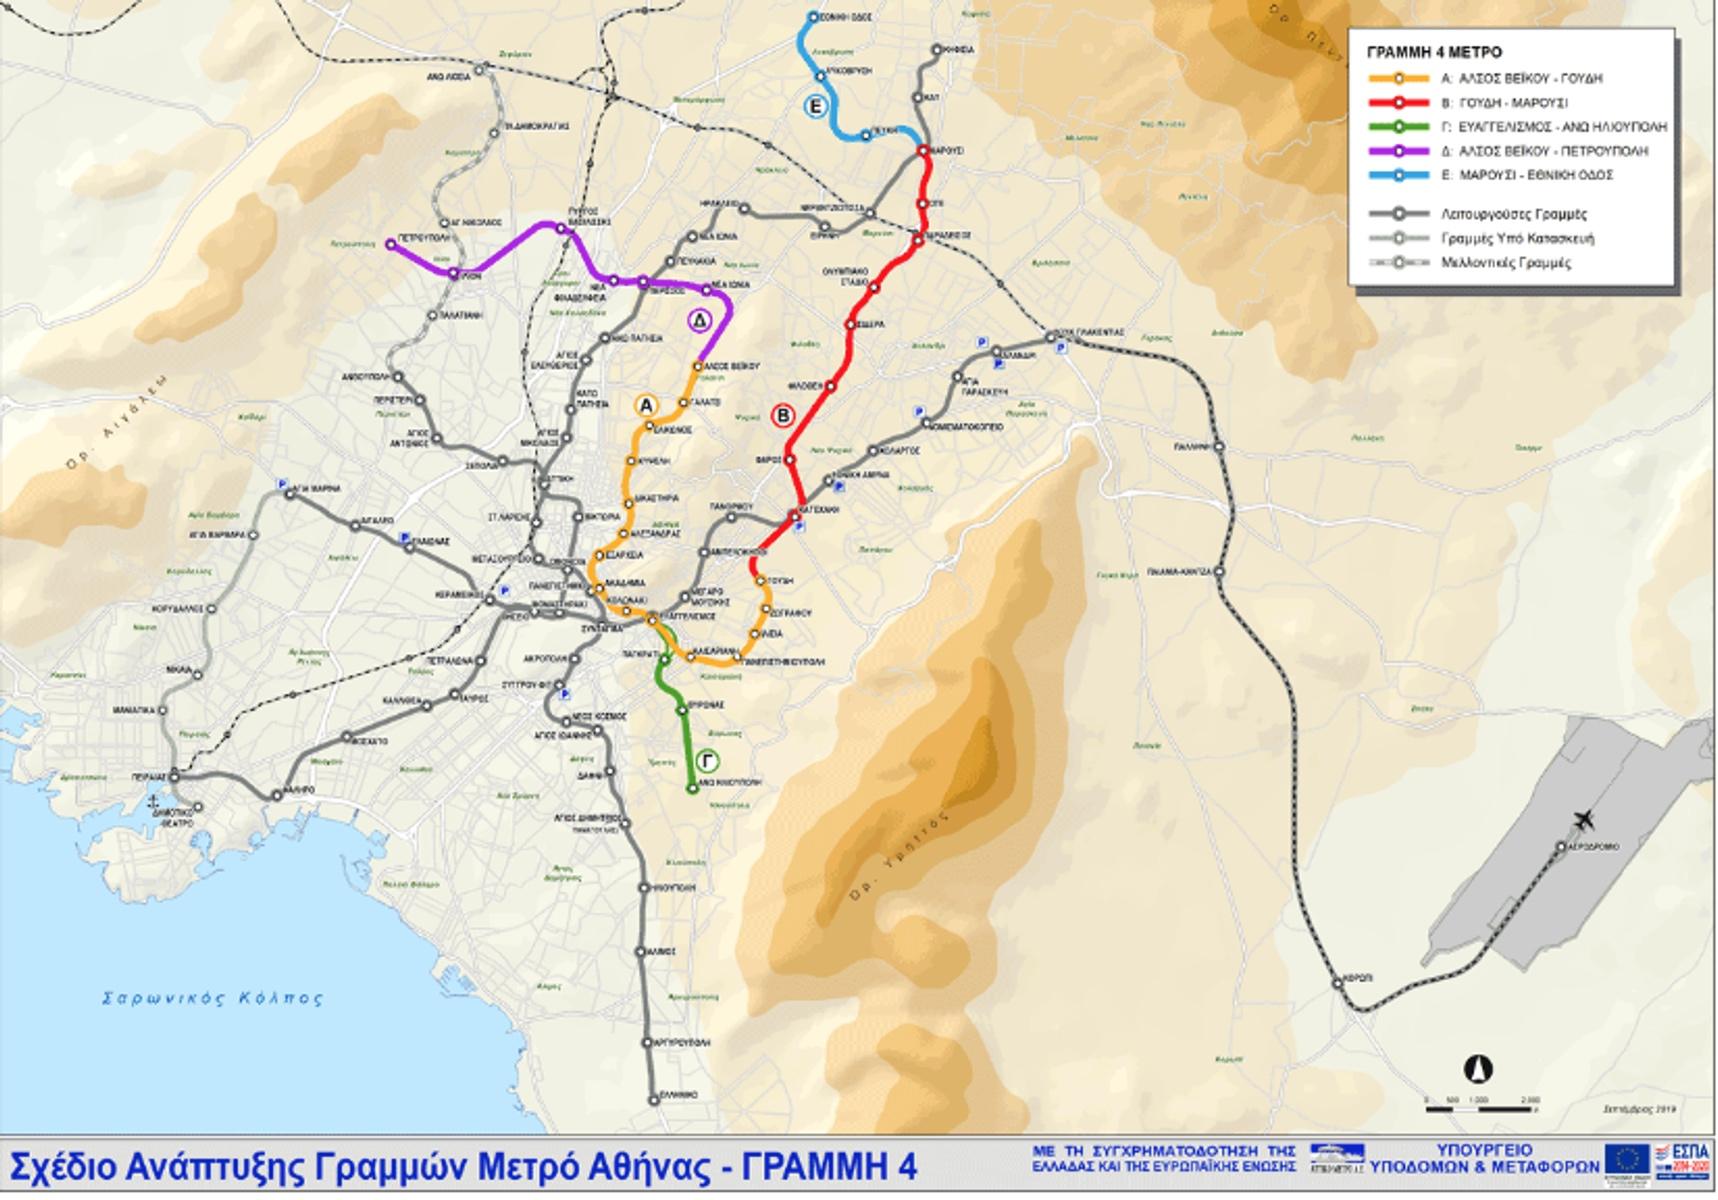 Μετρό: Αυτοί είναι όλοι οι σταθμοί της γραμμής 4! [χάρτης]